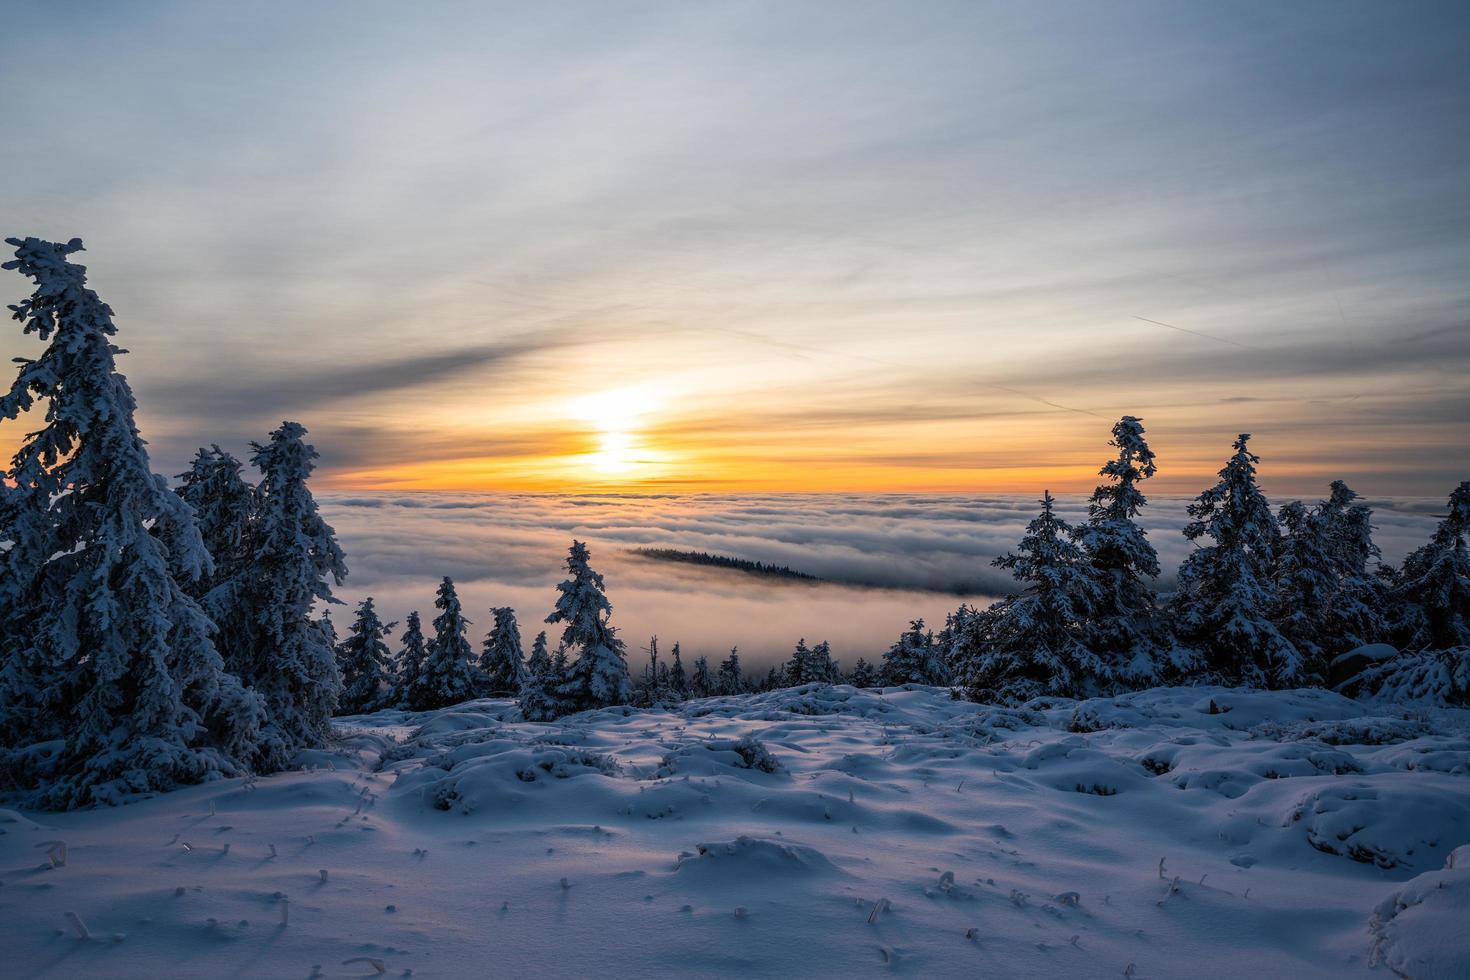 neige sur les arbres et sur le terrain au coucher du soleil photo